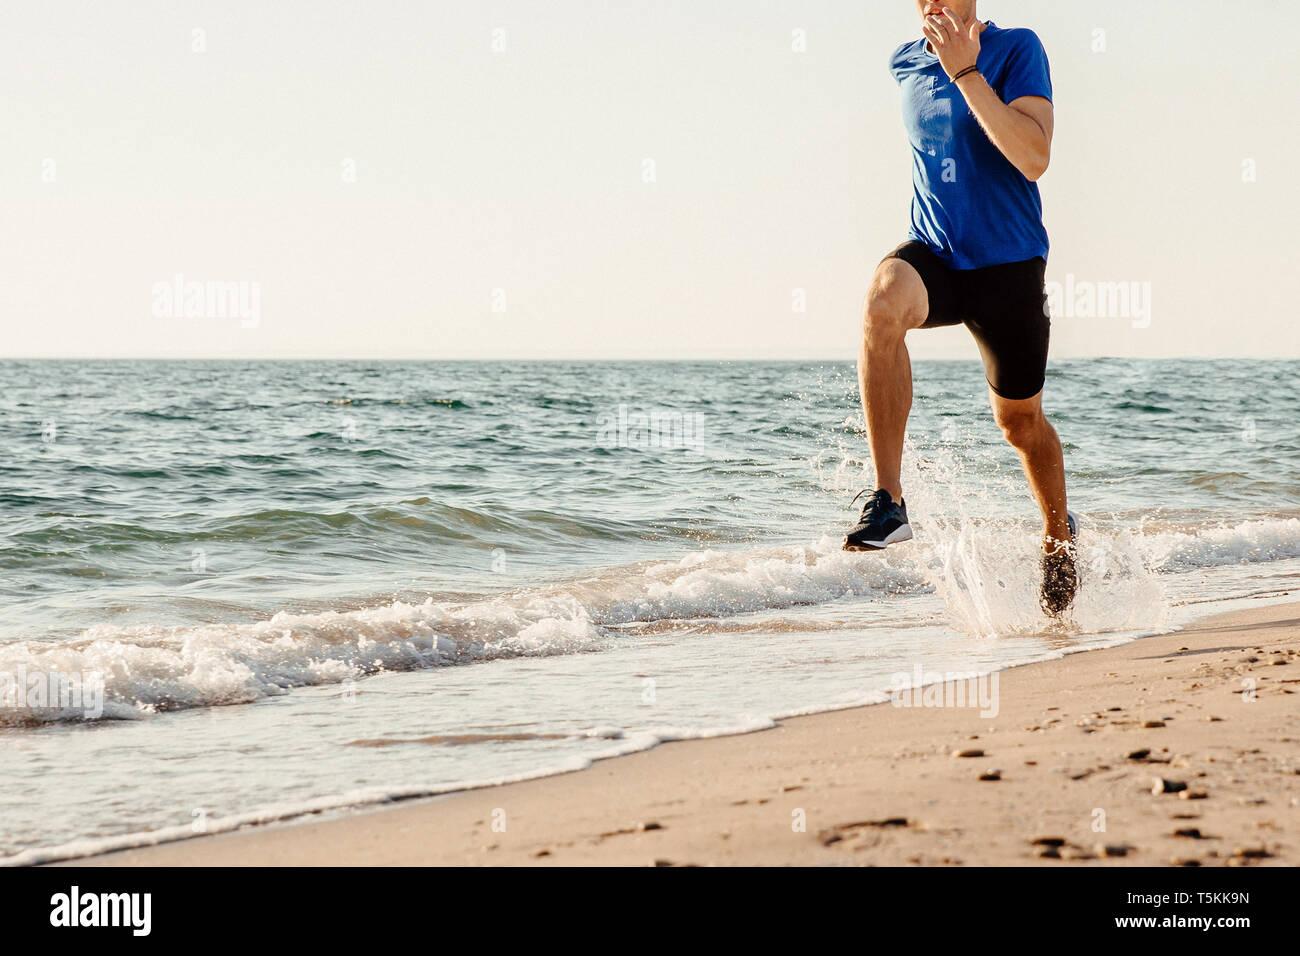 Deslizadera macho ejecuta en el mar de la playa de arena de spray de agua Foto de stock